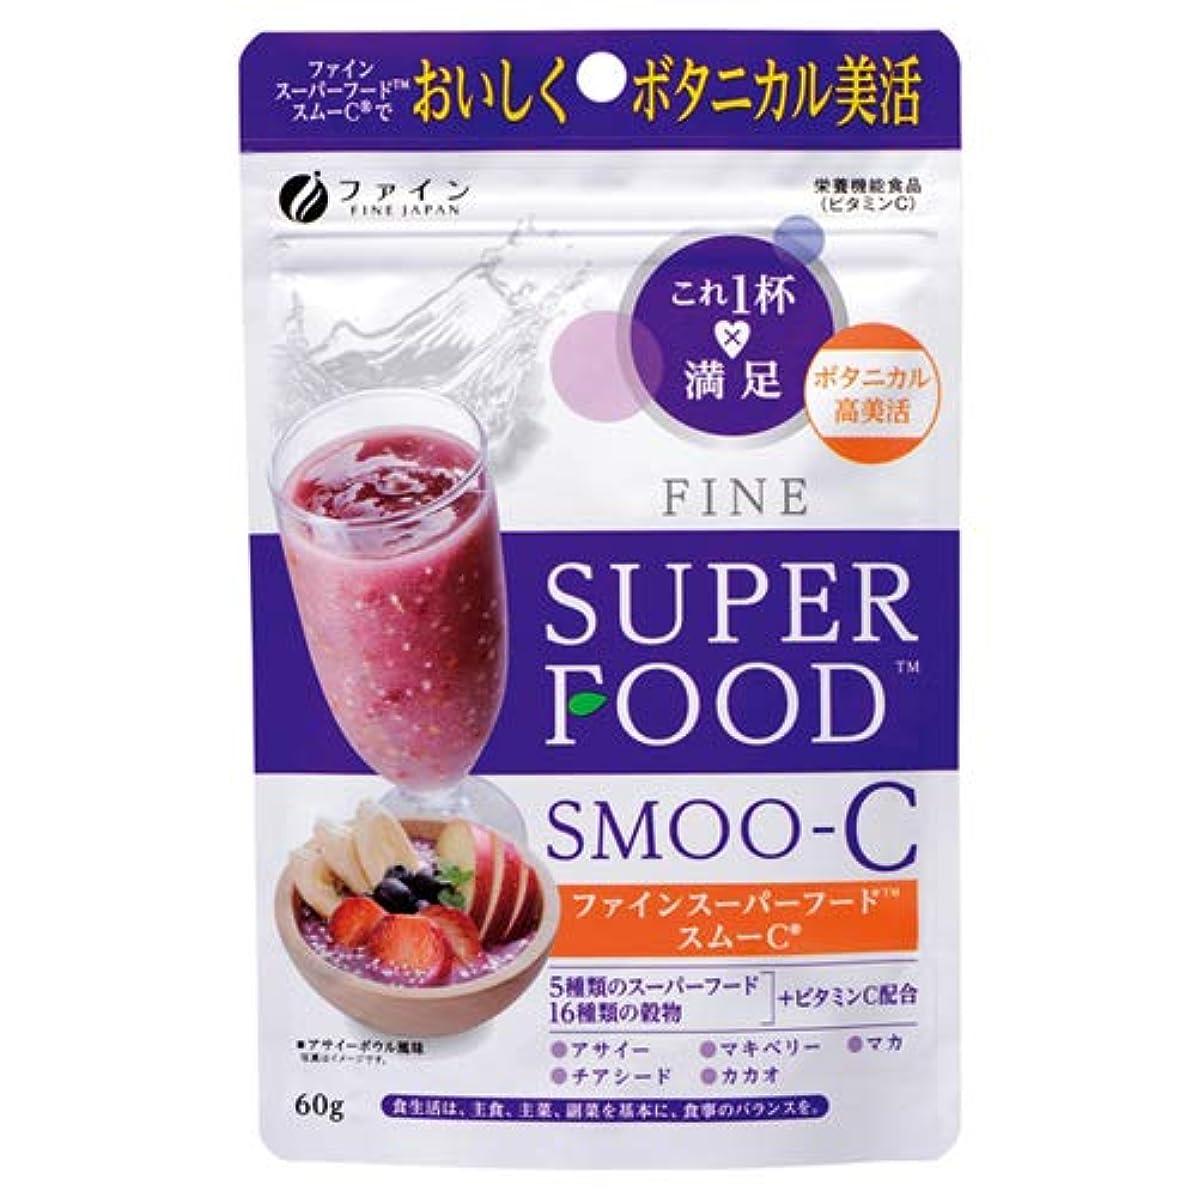 男ブース炭素ファイン スーパーフード スムーC 60g 【2袋組】